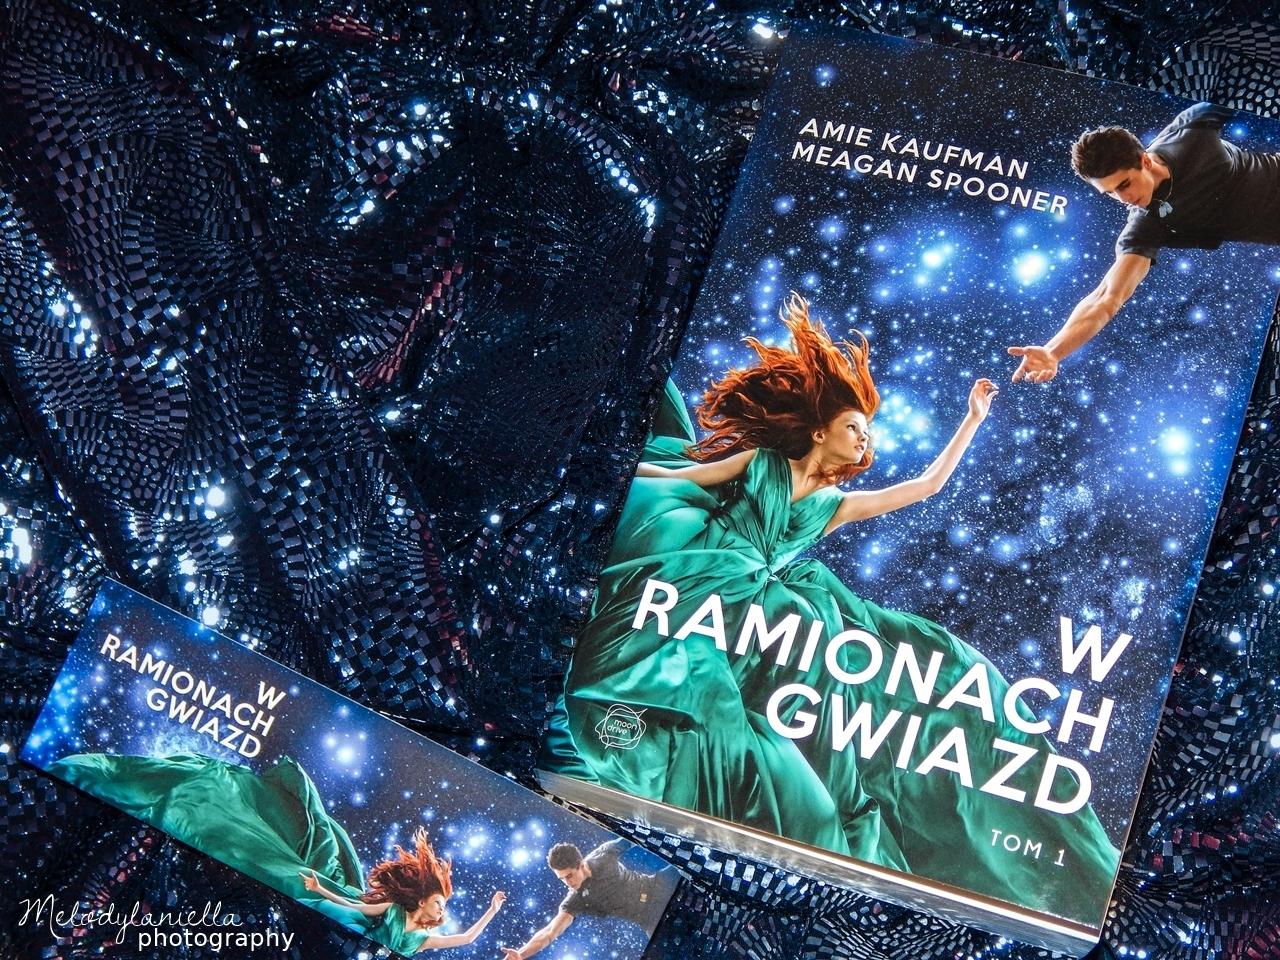 w ramionach gwiazd lilac tarver merendsen these broken stars book opis recenzja kaufman spooner moondrive